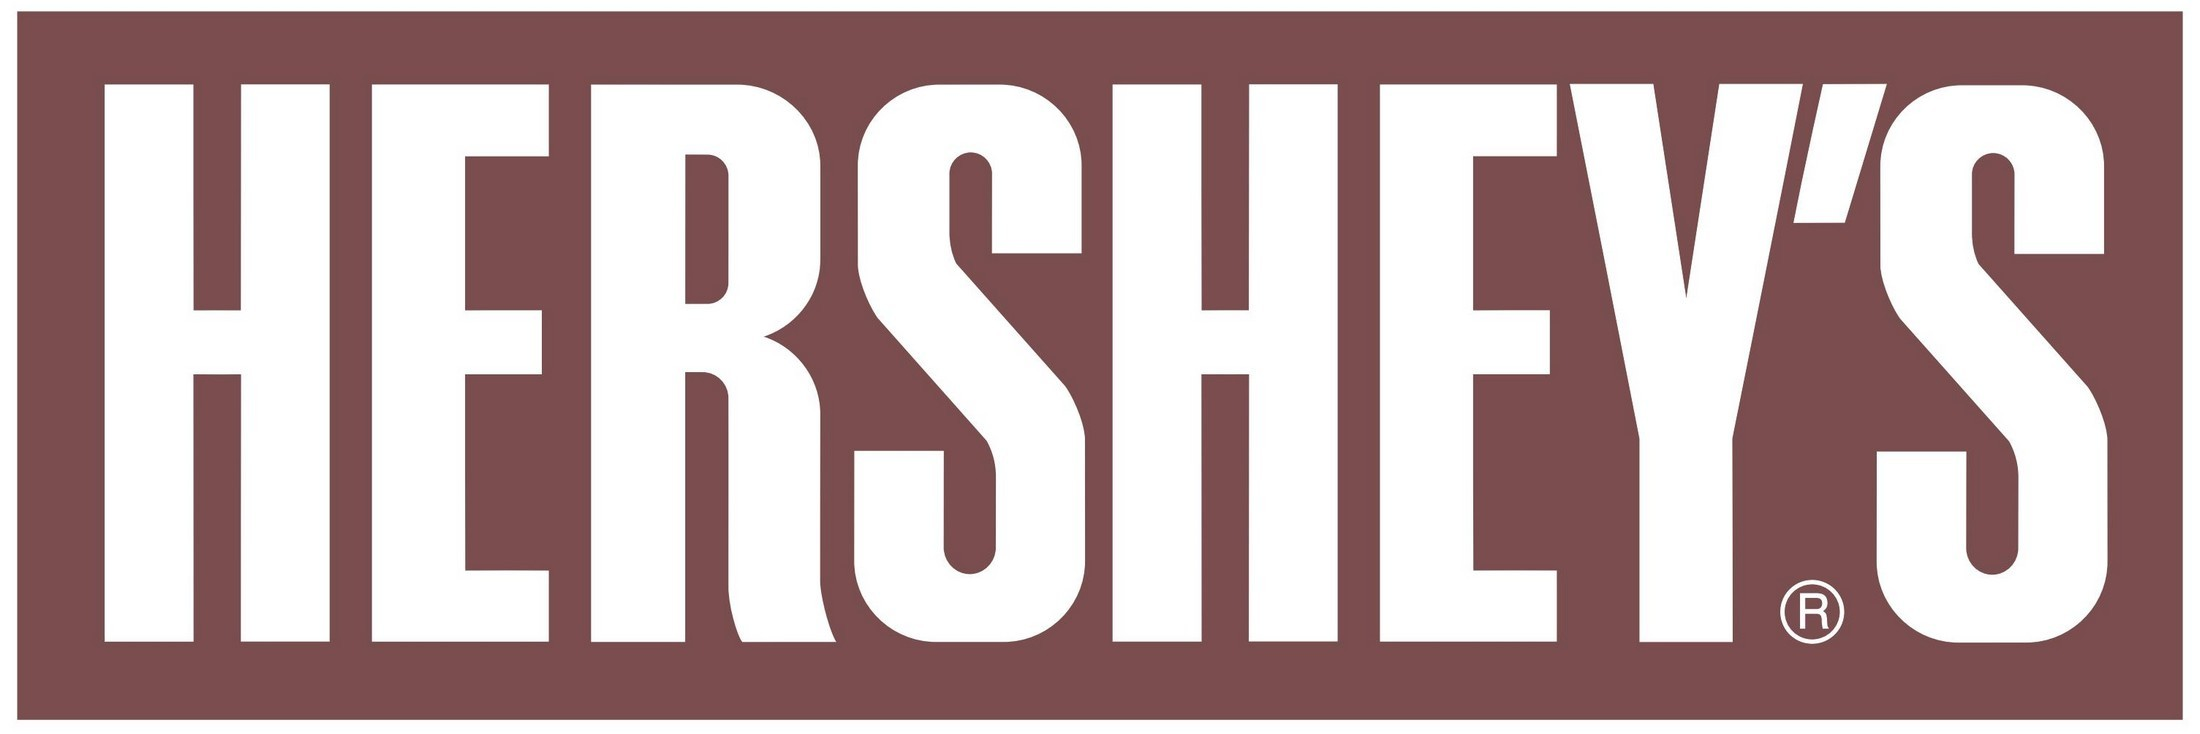 Hersheys Logo png